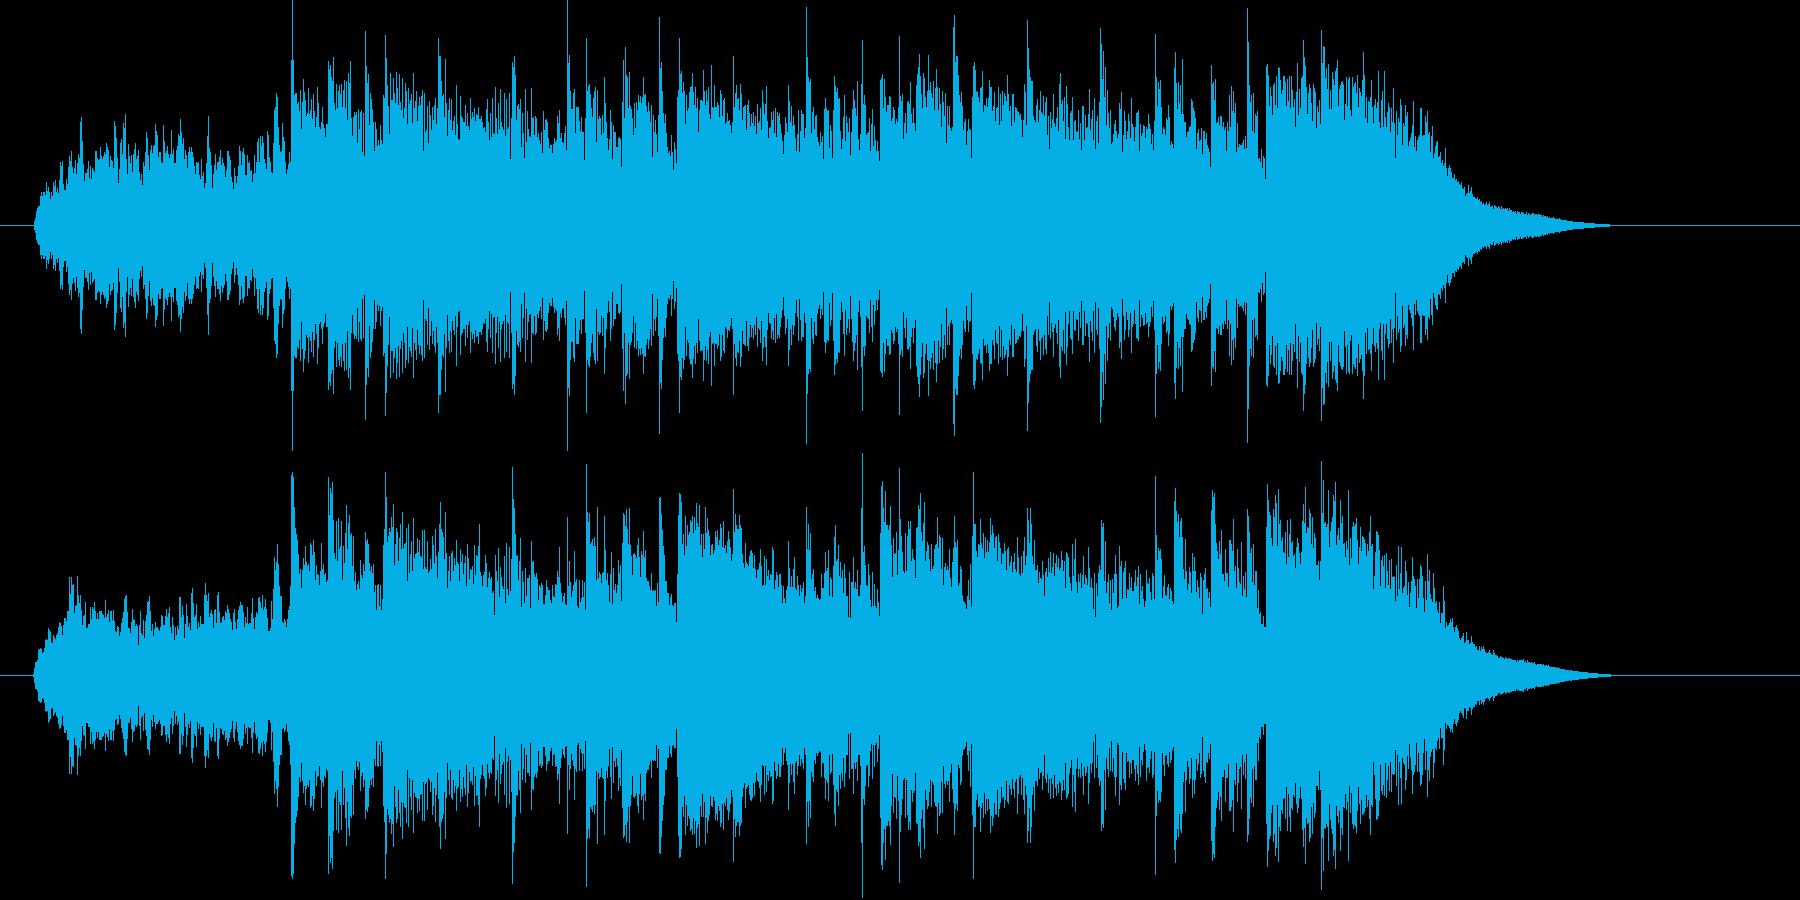 神秘的なピアノポップスの再生済みの波形